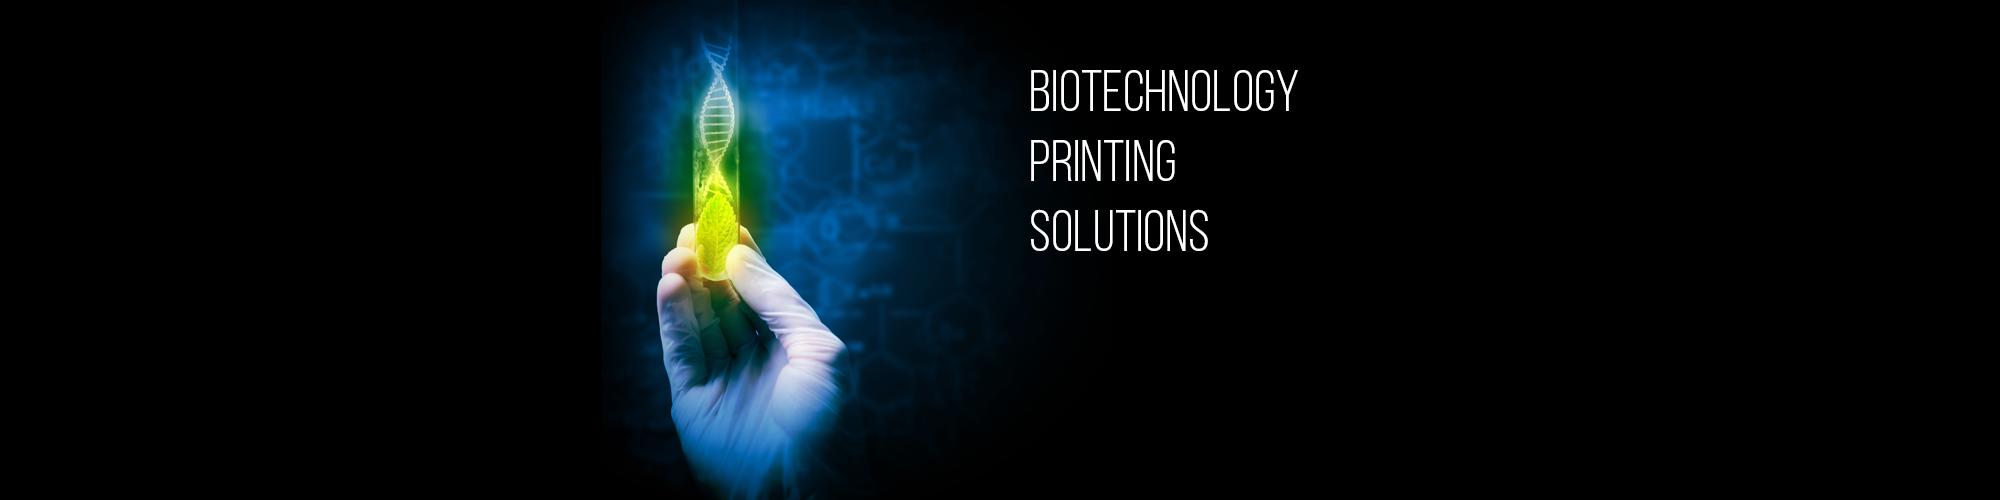 7-BiotechnologySlide